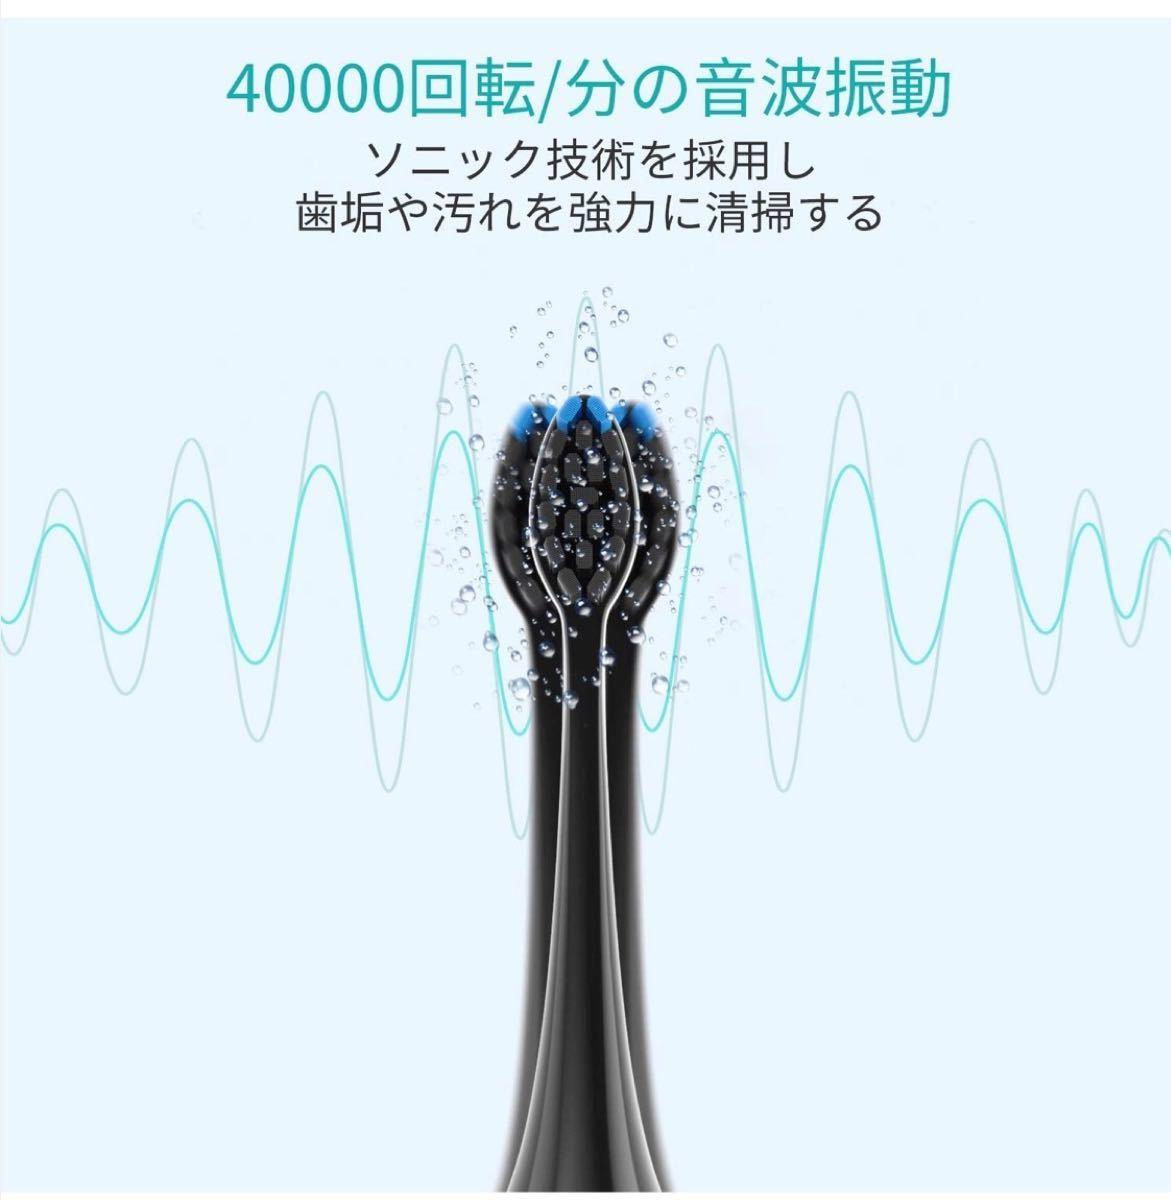 電動歯ブラシ 音波歯ブラシ ソニック1分間約4万回高速微振動